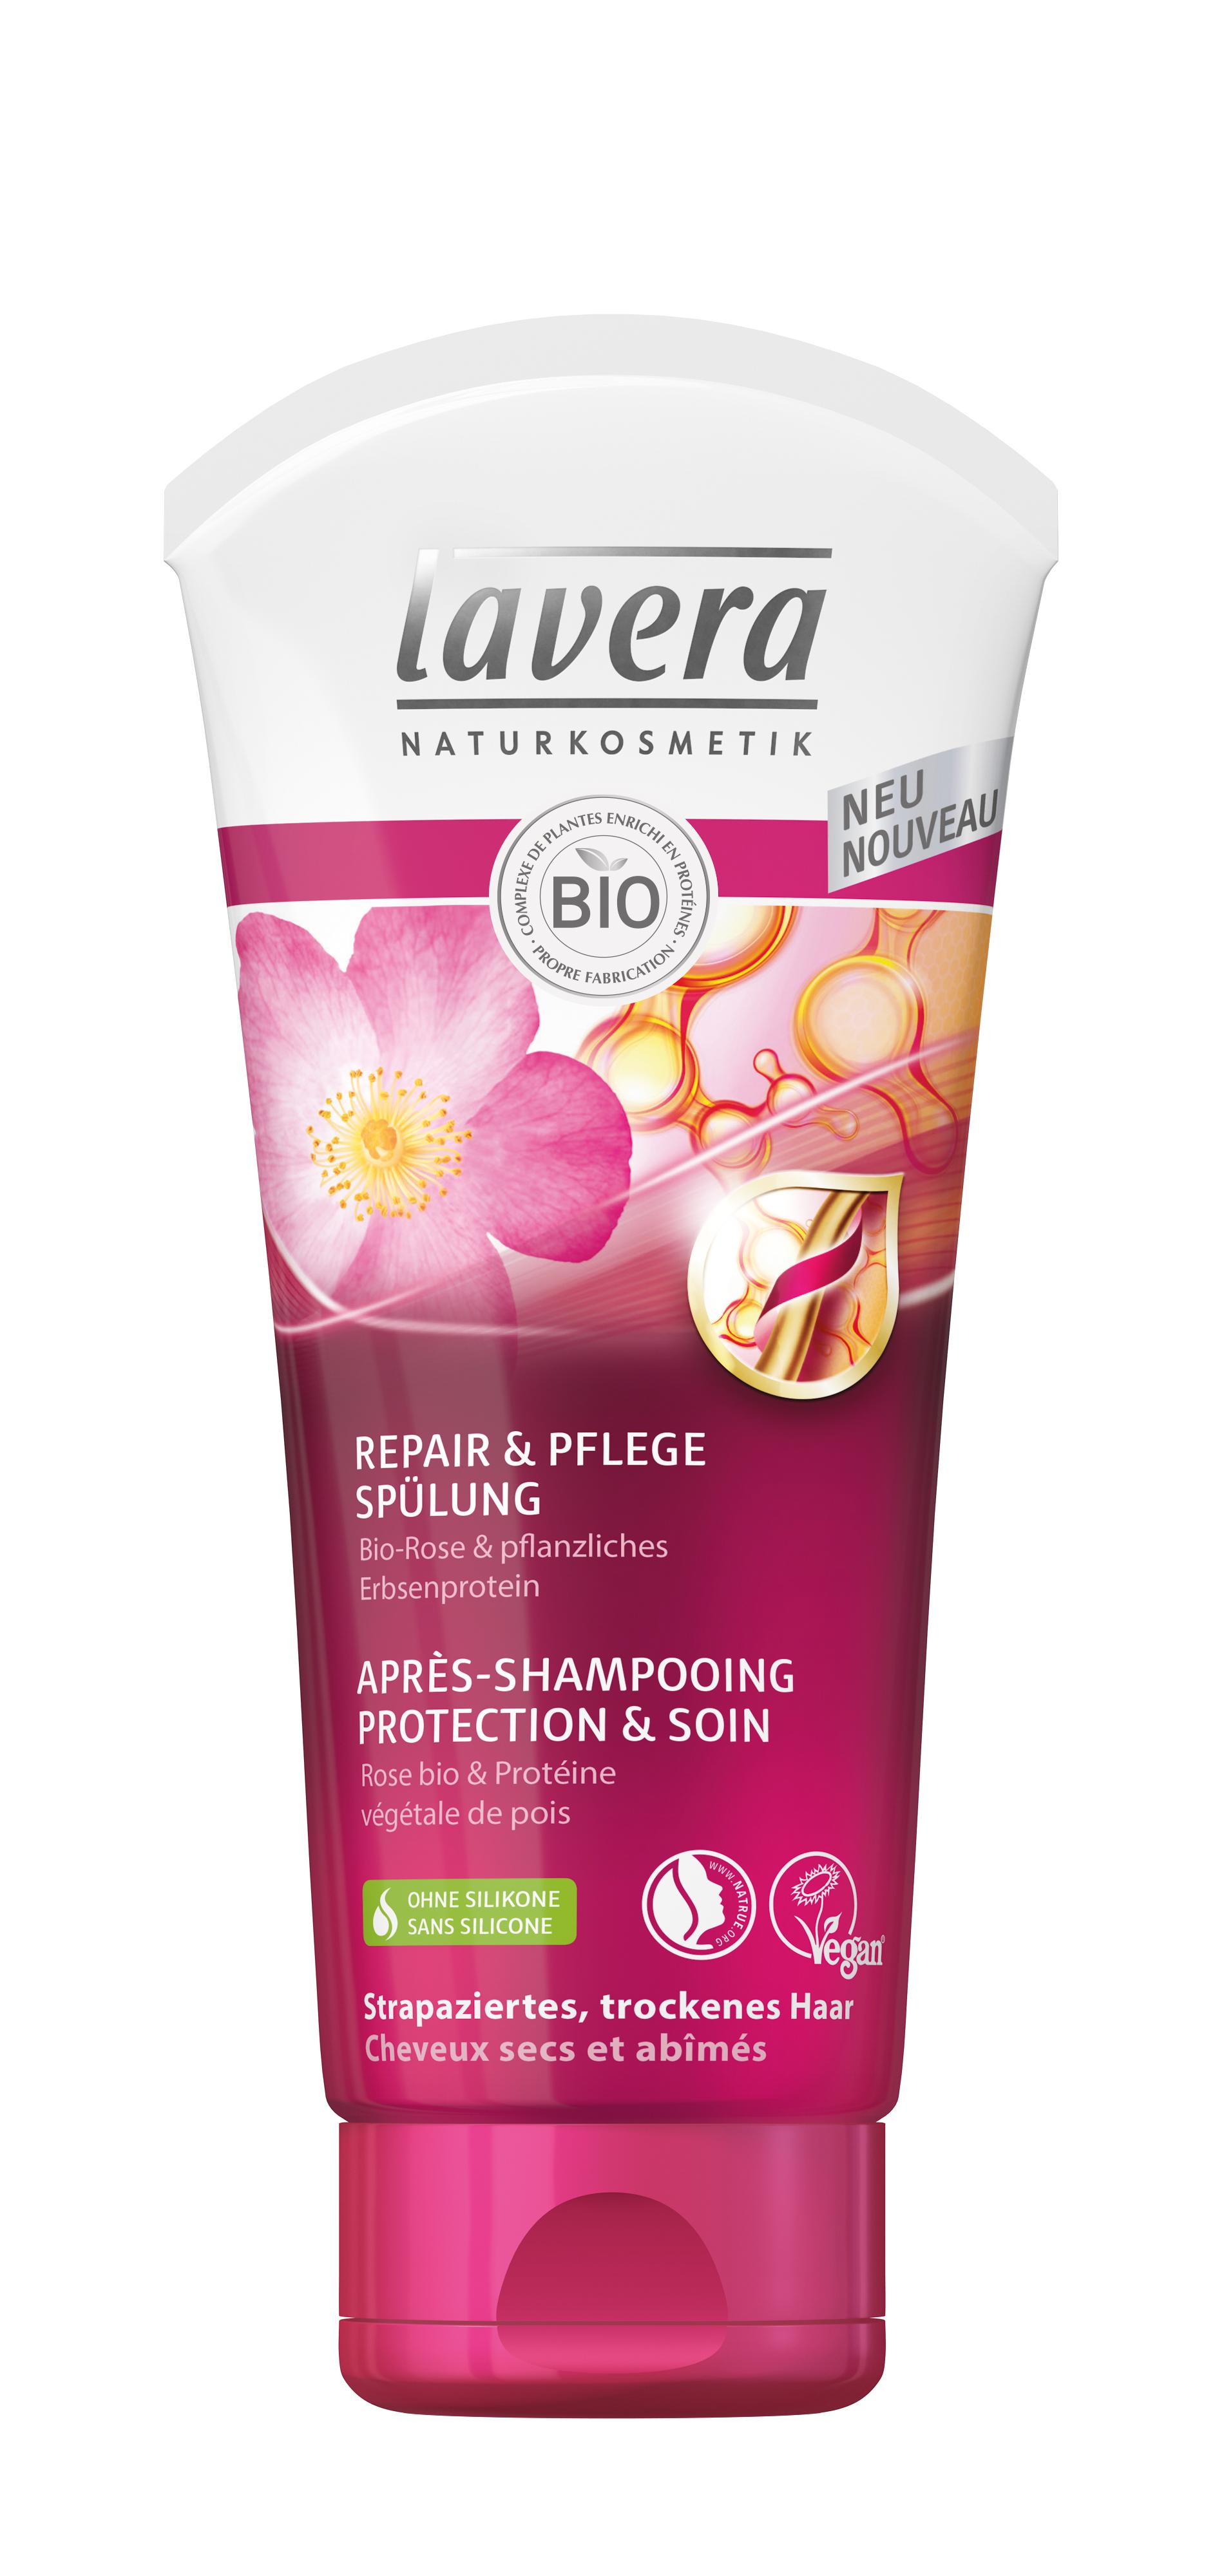 lavera apr s shampoing hair protection et soin pour cheveux secs 200 ml boutique bio. Black Bedroom Furniture Sets. Home Design Ideas